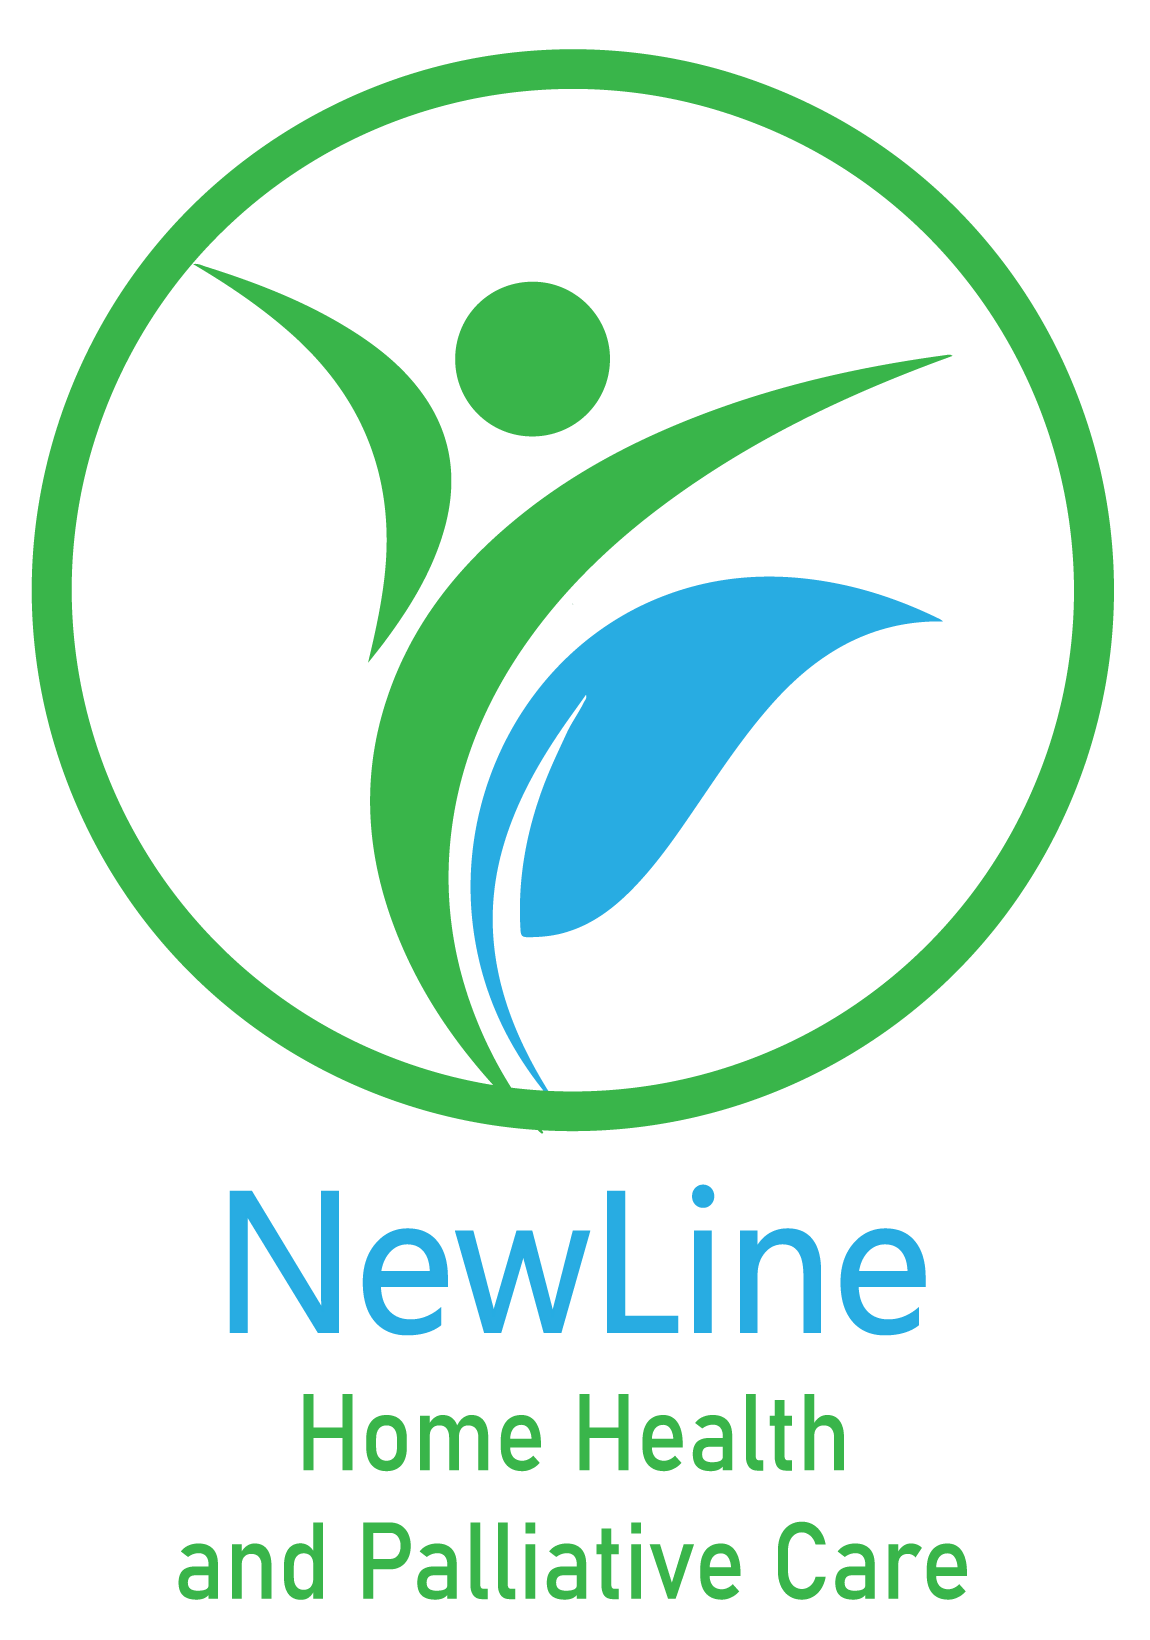 Newline Home Health